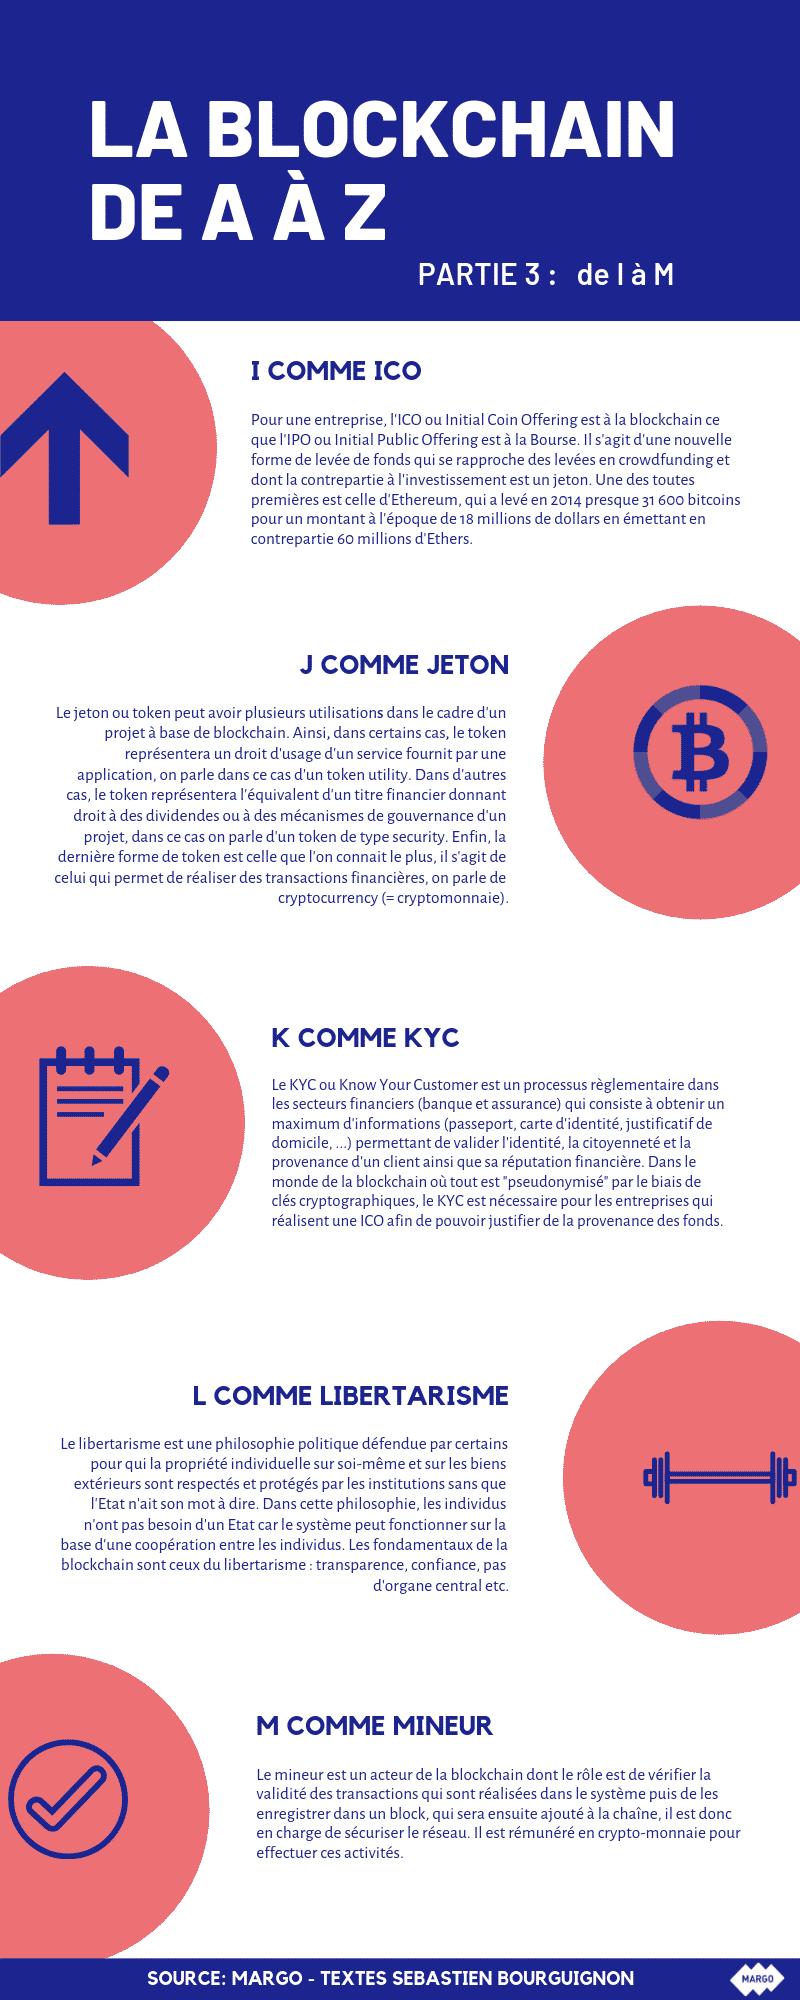 blockchain de a à z